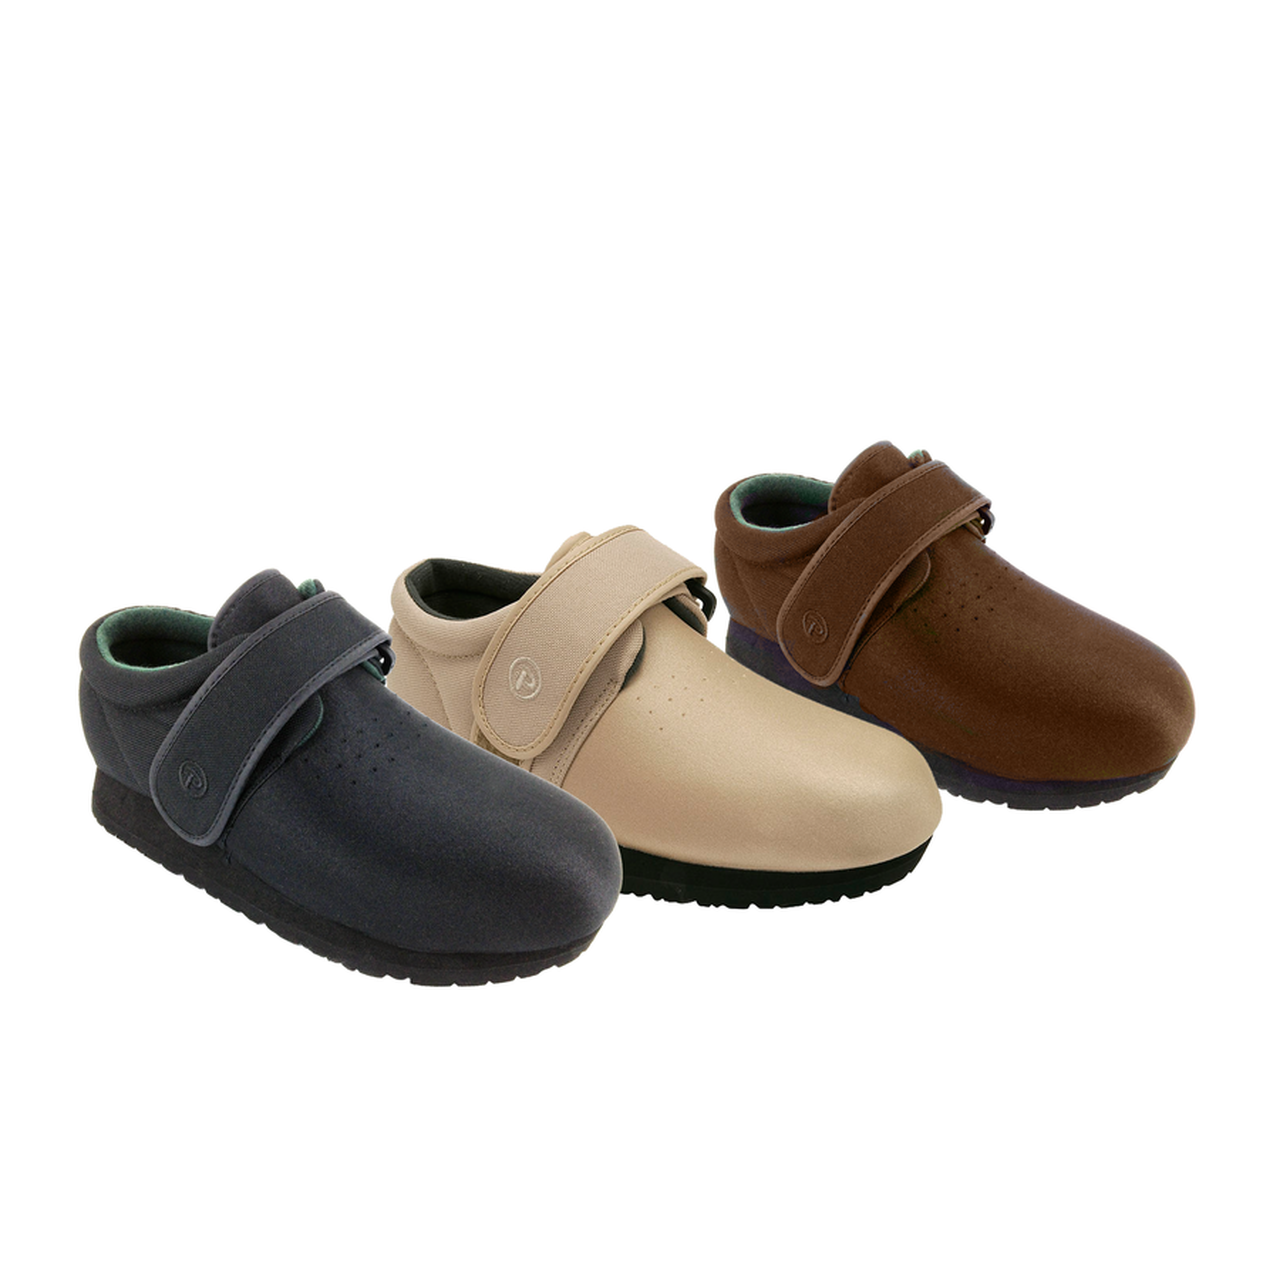 Pedors Clásico Zapatos Ortopédicos Para Diabéticos Y Artritis Para  Diabéticos.